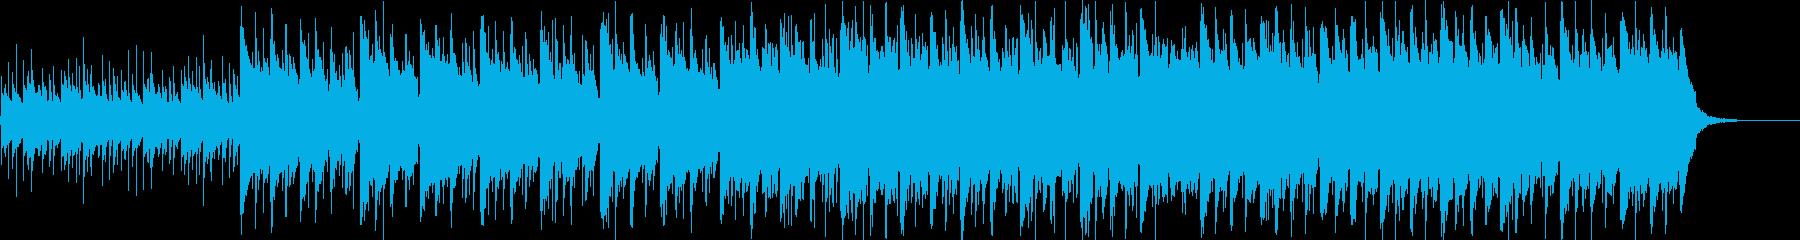 爽やかなコーポレート系BGMの再生済みの波形